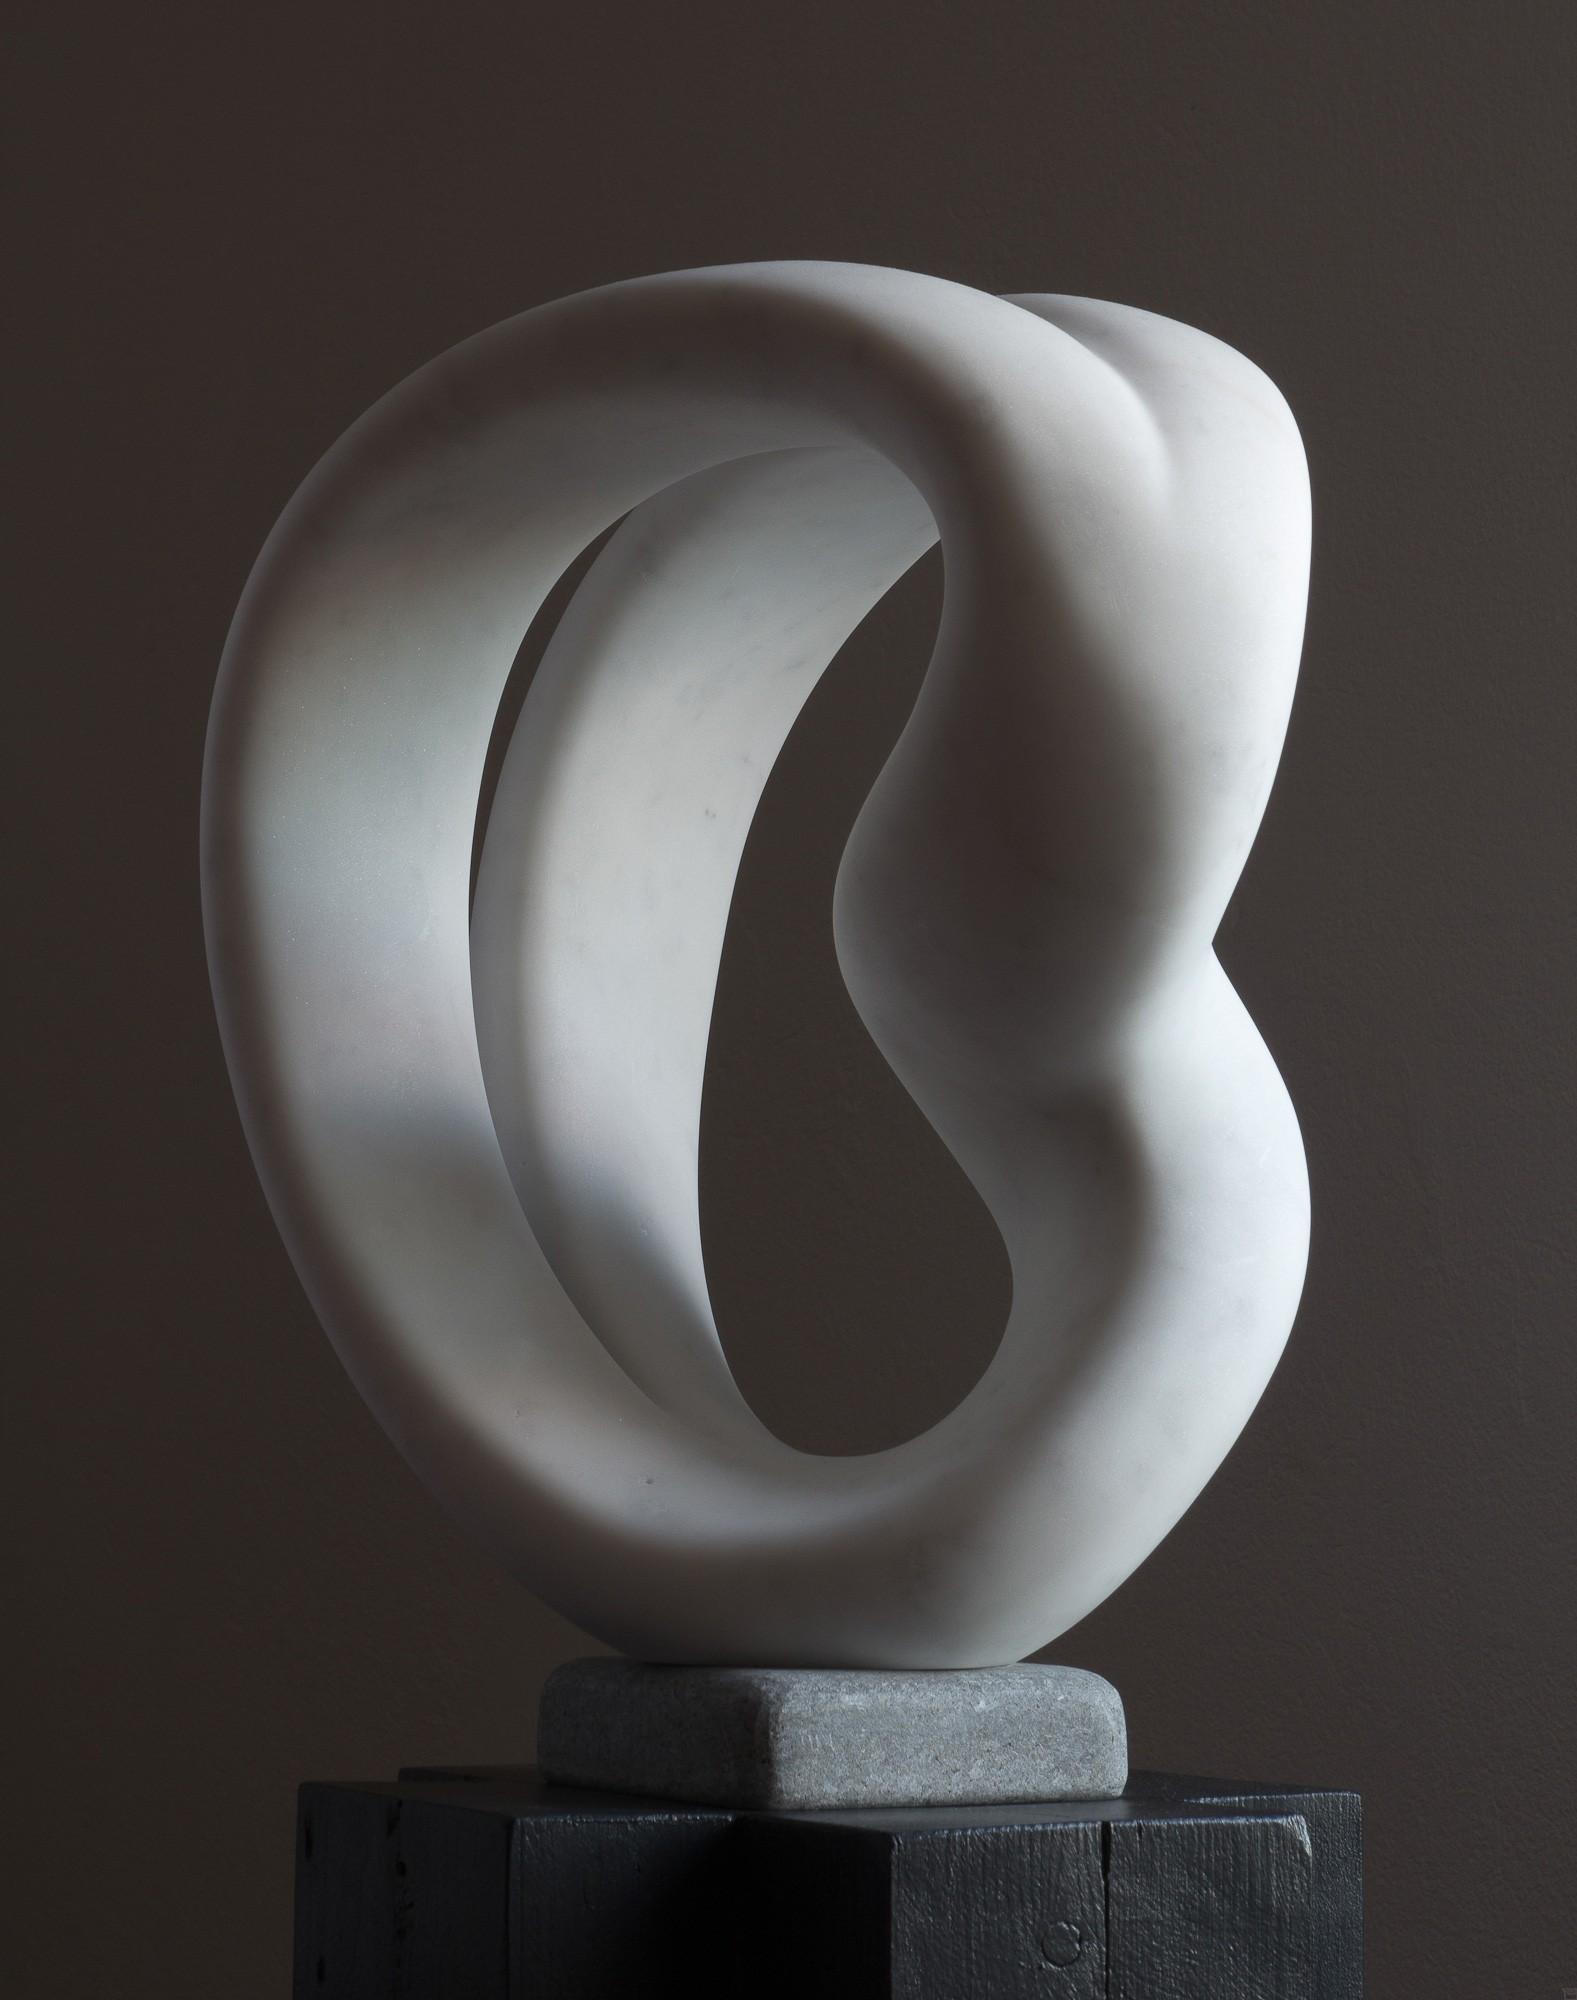 Laokoon, von links, Marmor, Stein Skulptur von Bildhauer Klaus W. Rieck